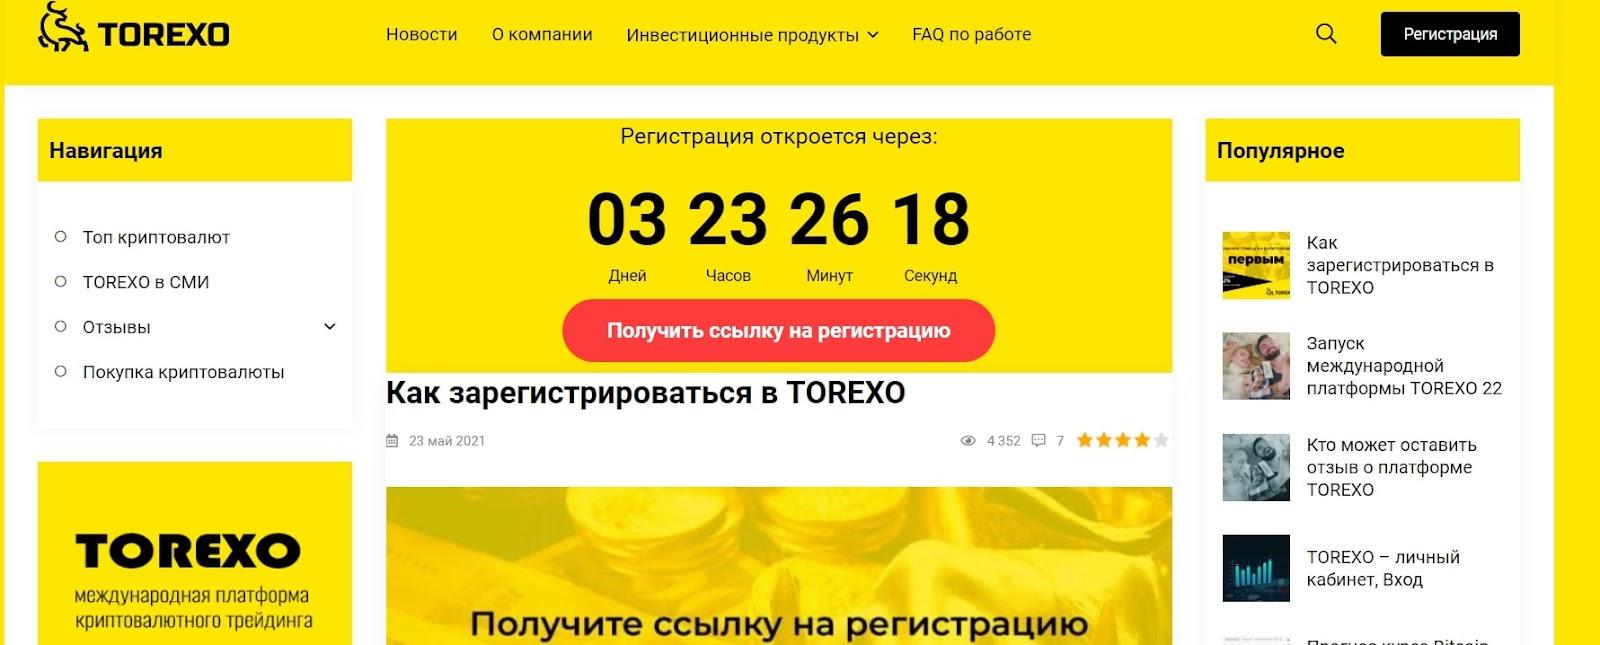 Отзывы о Torexo: стоит ли инвестировать? реальные отзывы